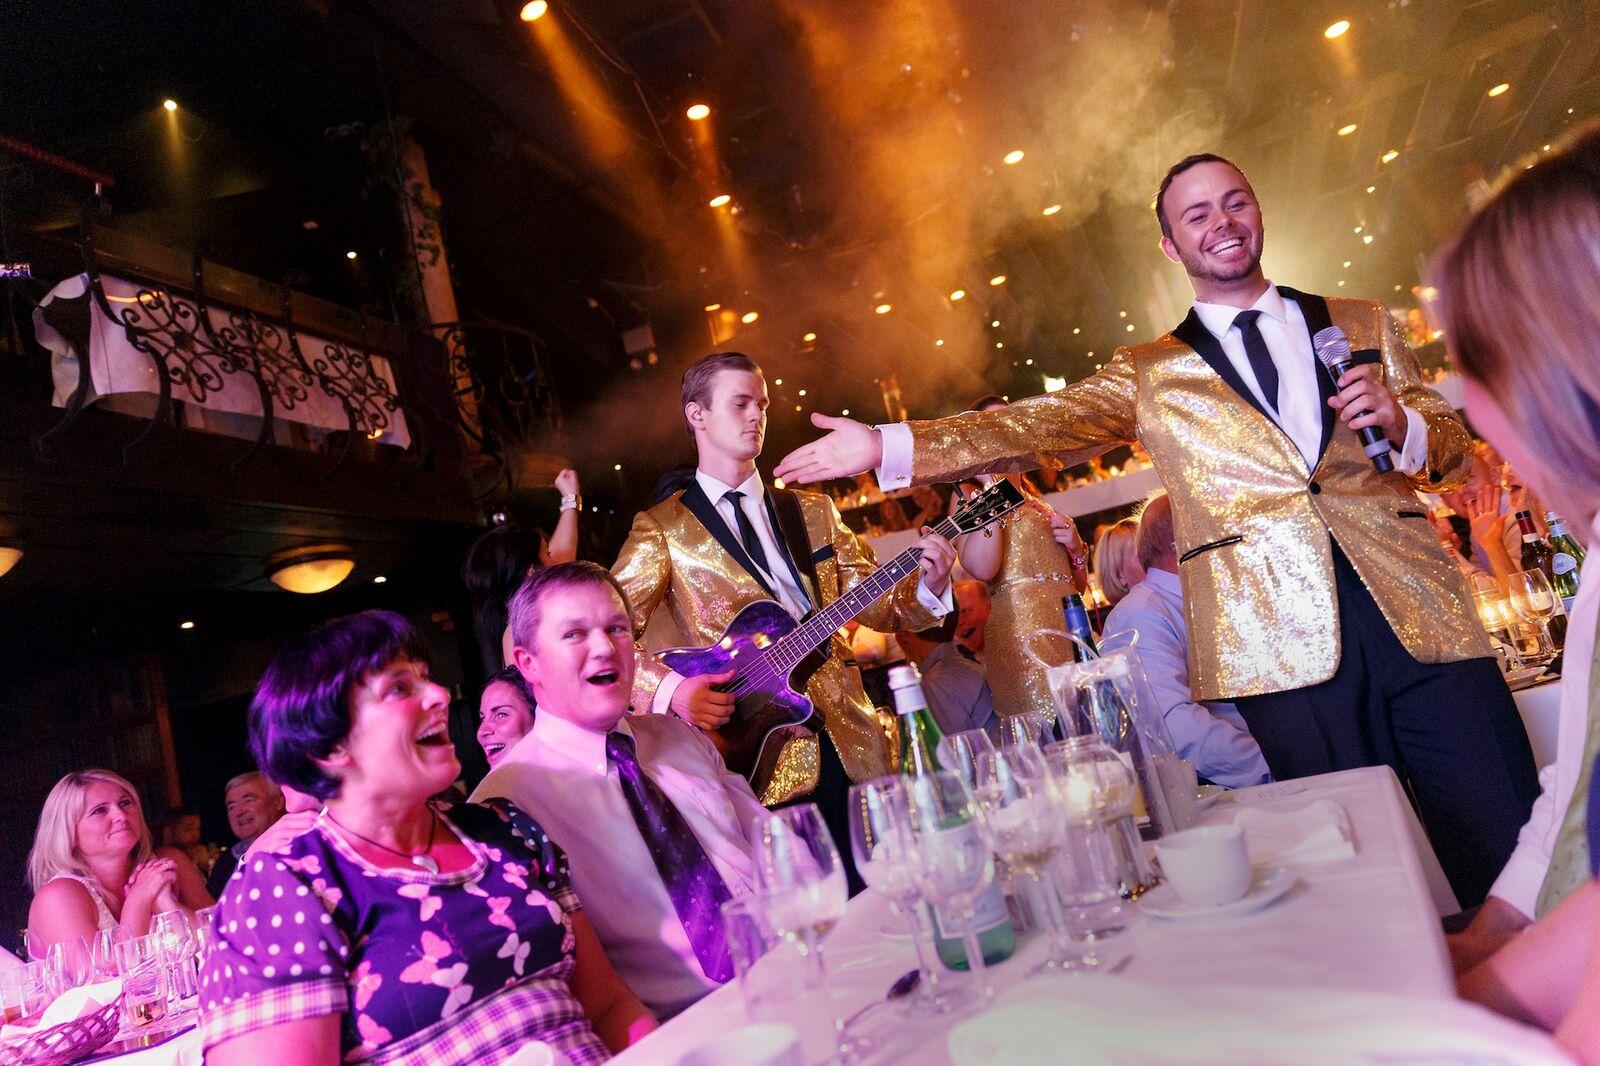 Mennesker rundt middagsbord som underholdes på wallmans salonger i oslo. En hyggelig kveld som passer som 50 års gave til mann som elsker musikk, dans og god mat.